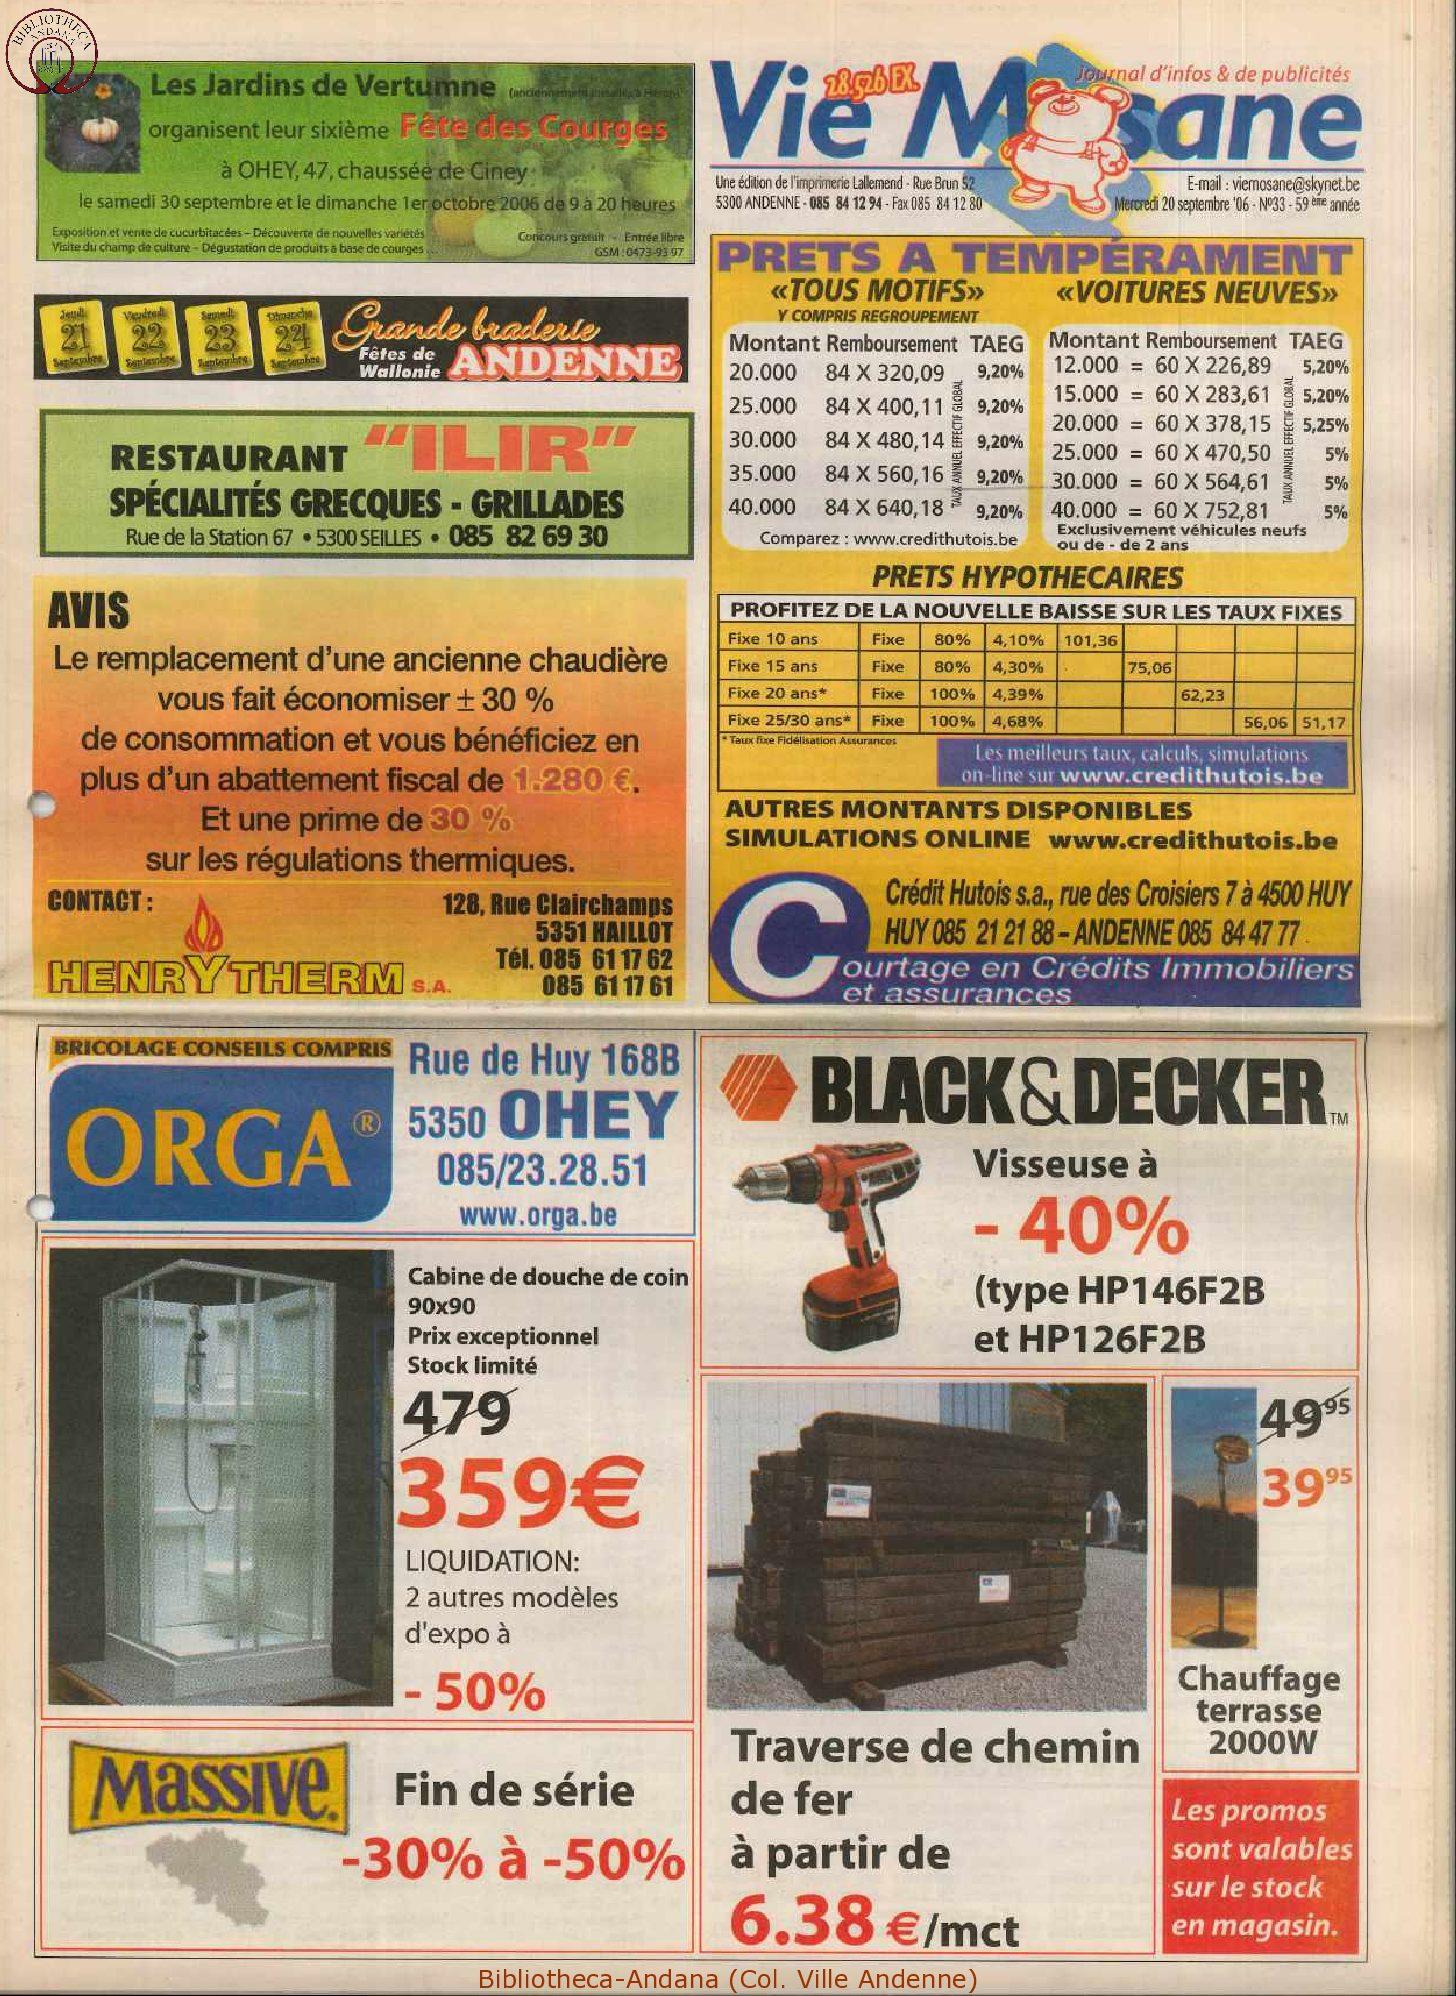 59e année - n°33 - 20 septembre 2006